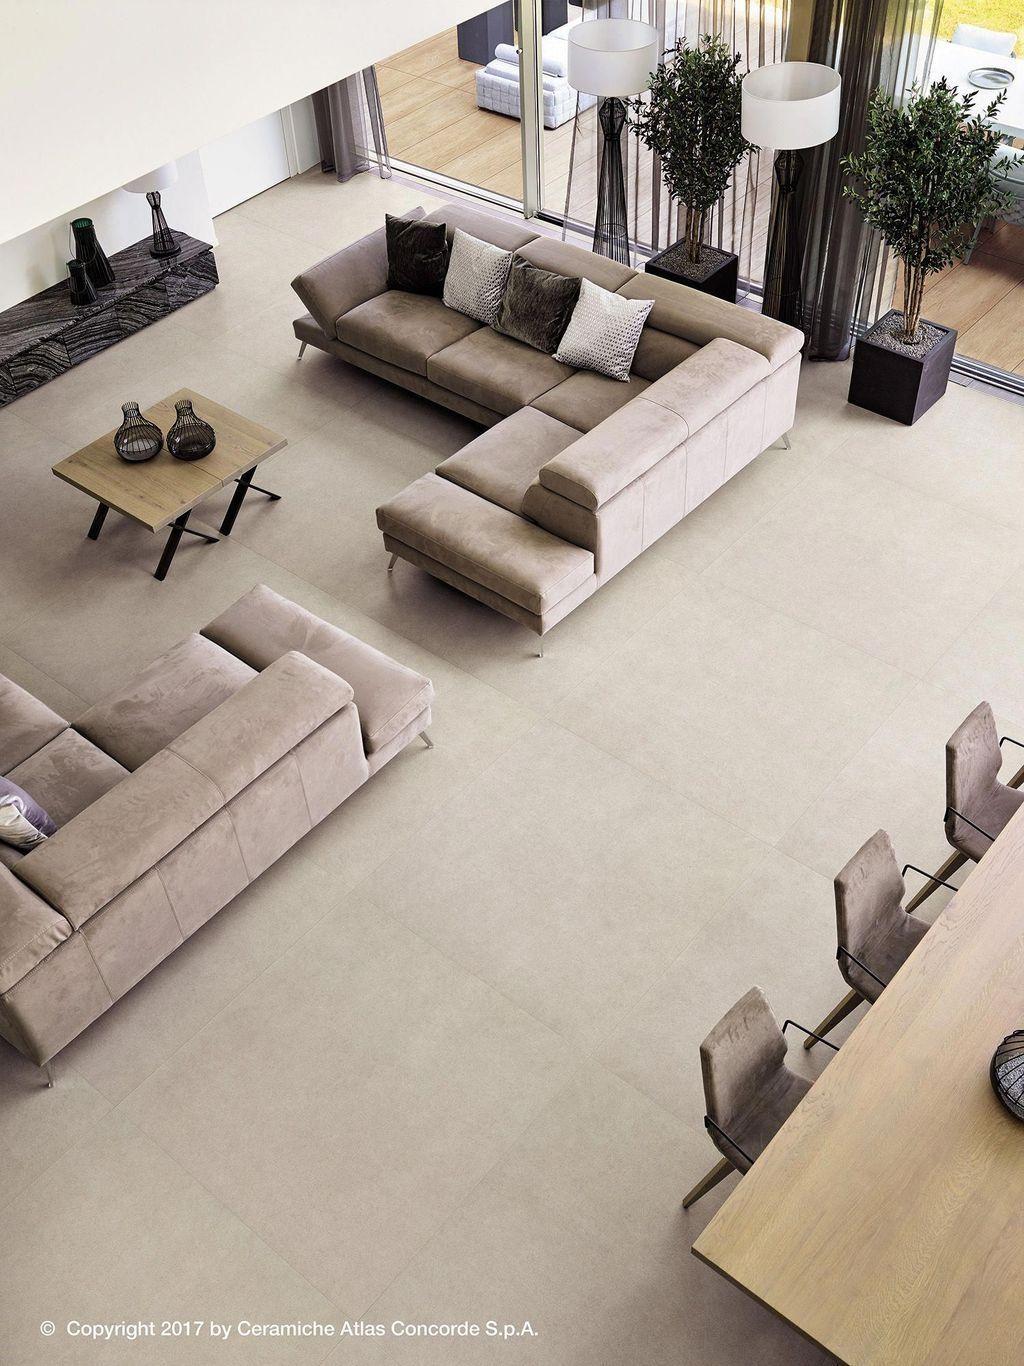 40+ Wonderful Ceramic Floor Tile Ideas For Home